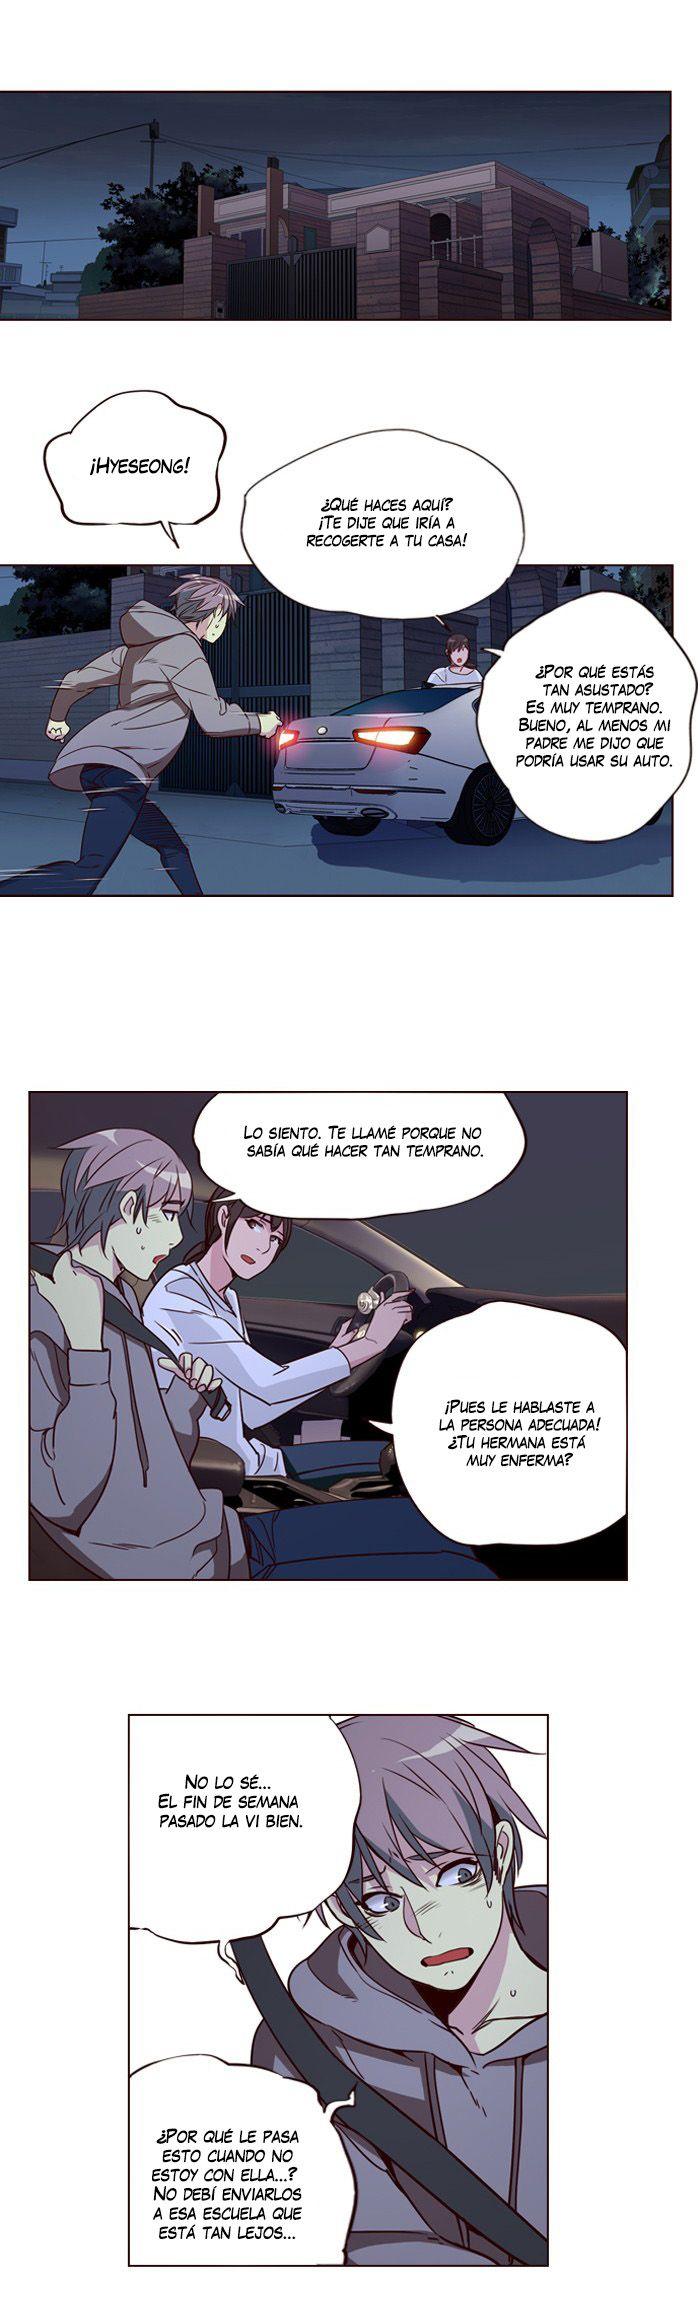 http://c5.ninemanga.com/es_manga/pic2/32/416/506209/598ef234adb6e3312d67098a4c38c875.jpg Page 10